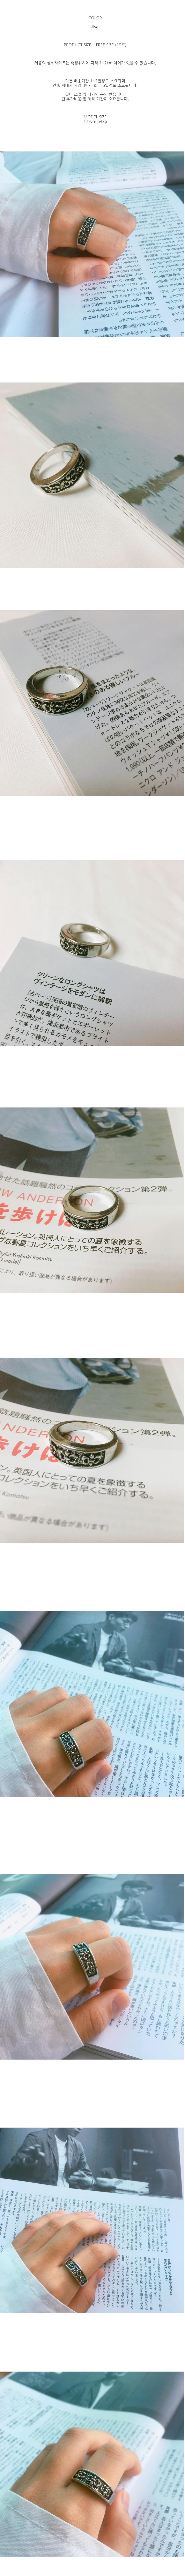 꽃모양 빈티지 반지 cantaloupe island ring - 빅애플, 20,900원, 패션, 패션반지